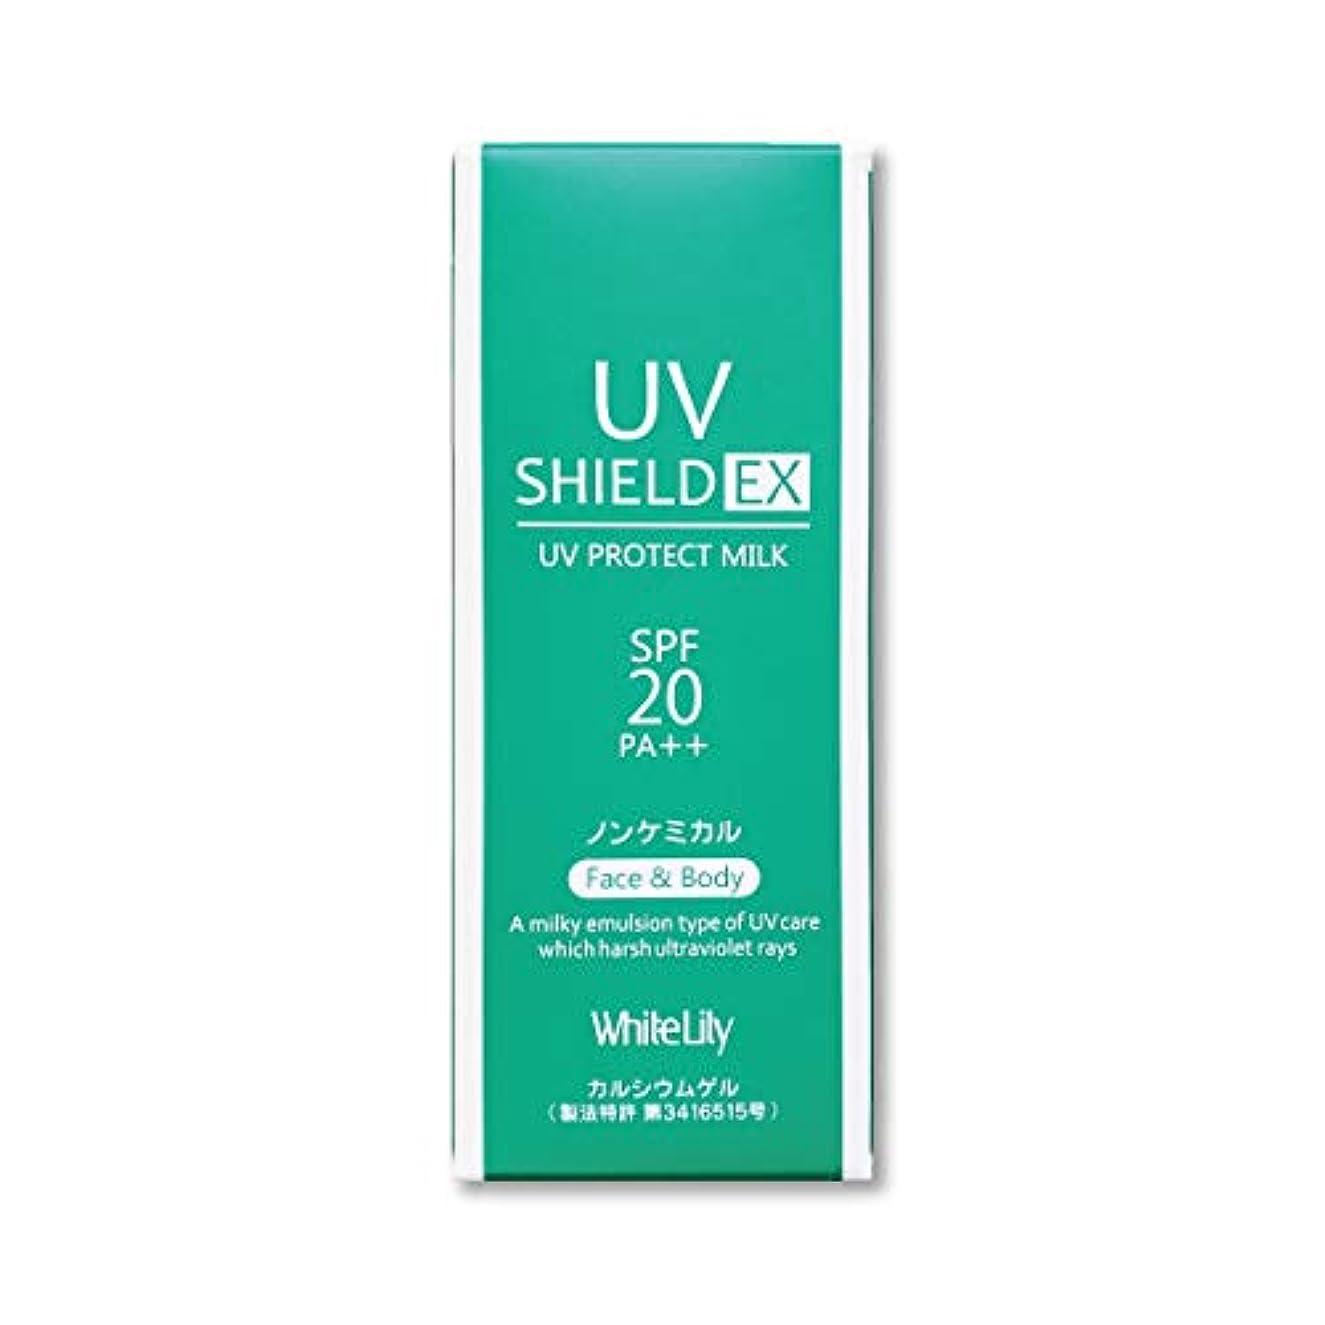 クレデンシャルポイント古いホワイトリリー UVシールド EX 敏感肌用日焼け止め乳液 SPF20 PA++ 50mL